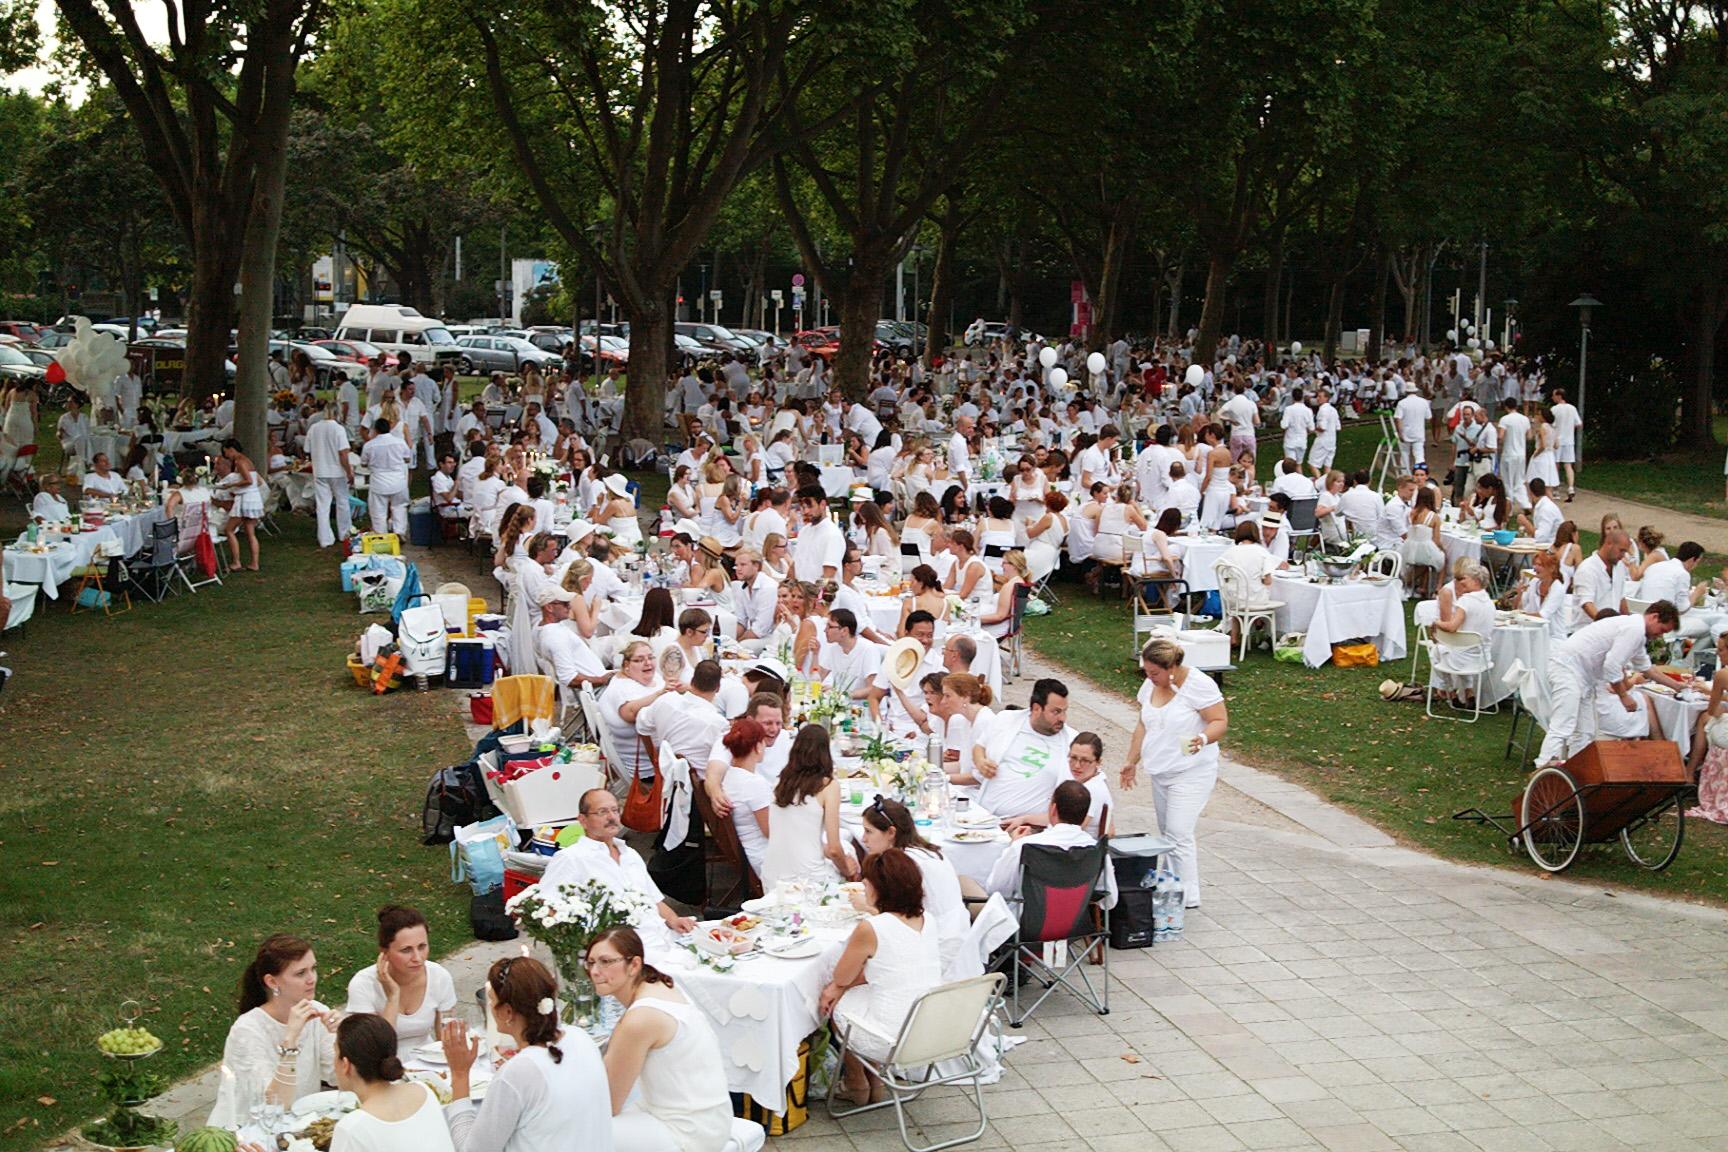 2014-07-19_Diner-en-blanc_11